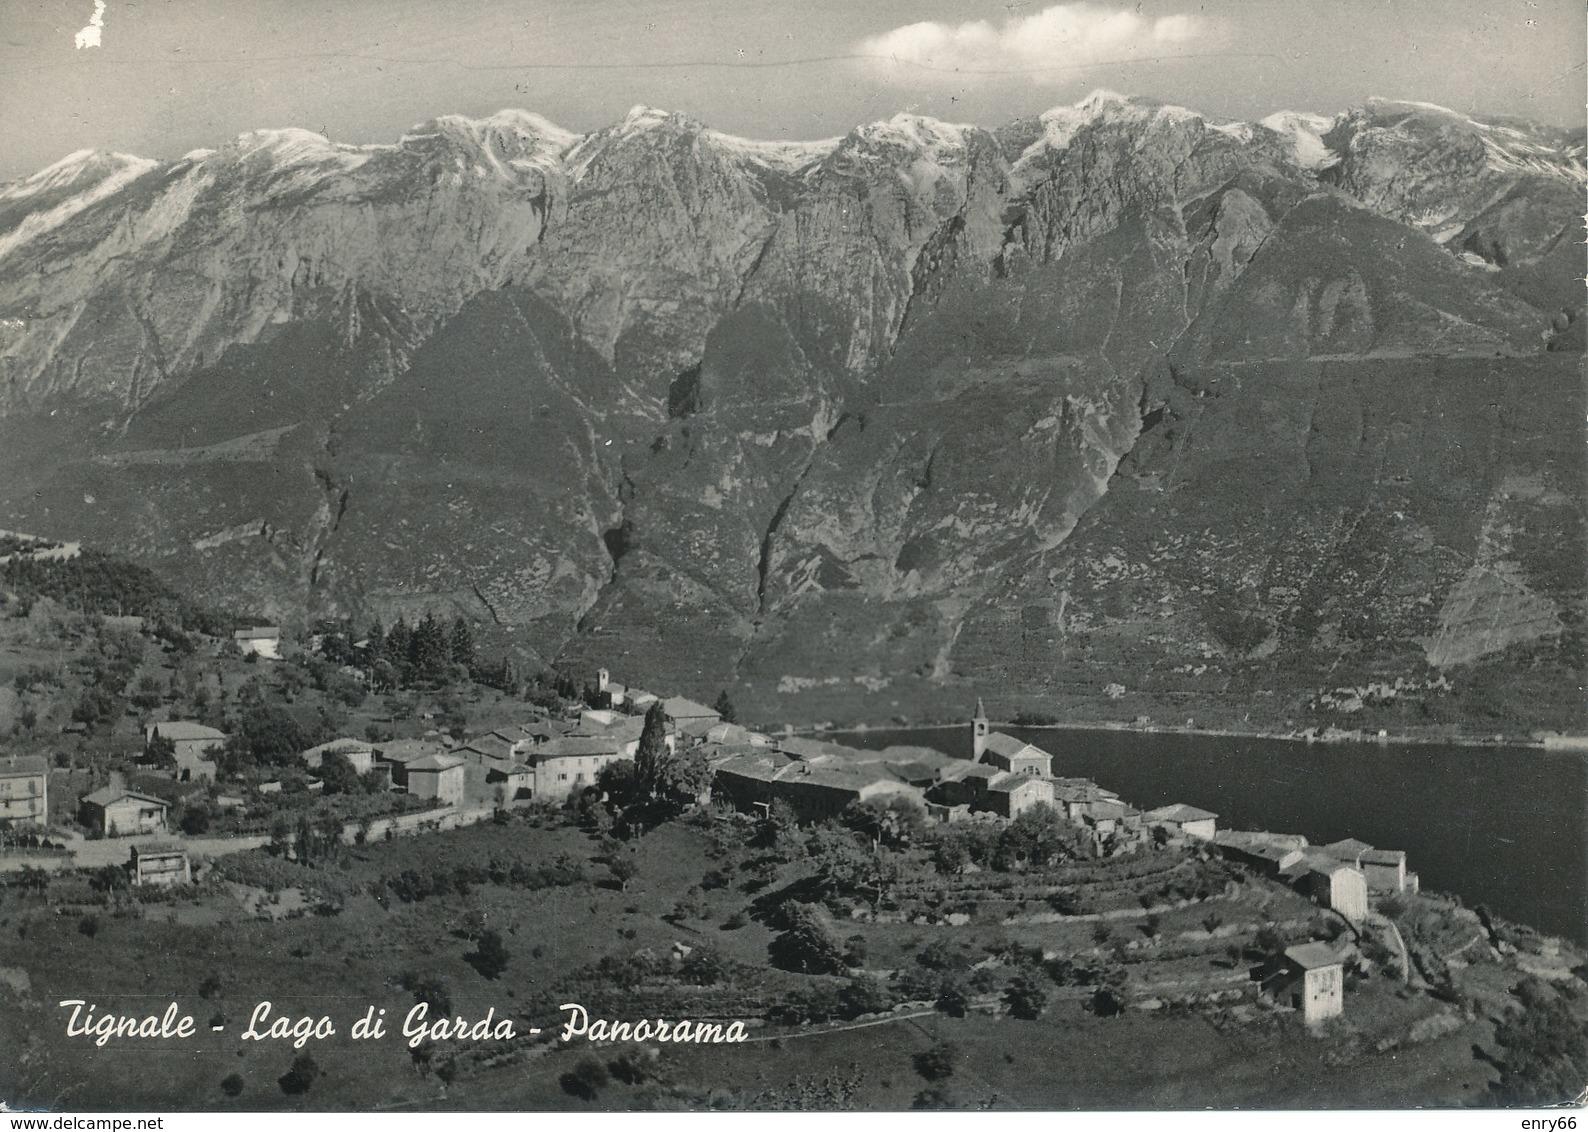 BRESCIA - TIGNALE PANORAMA - Brescia